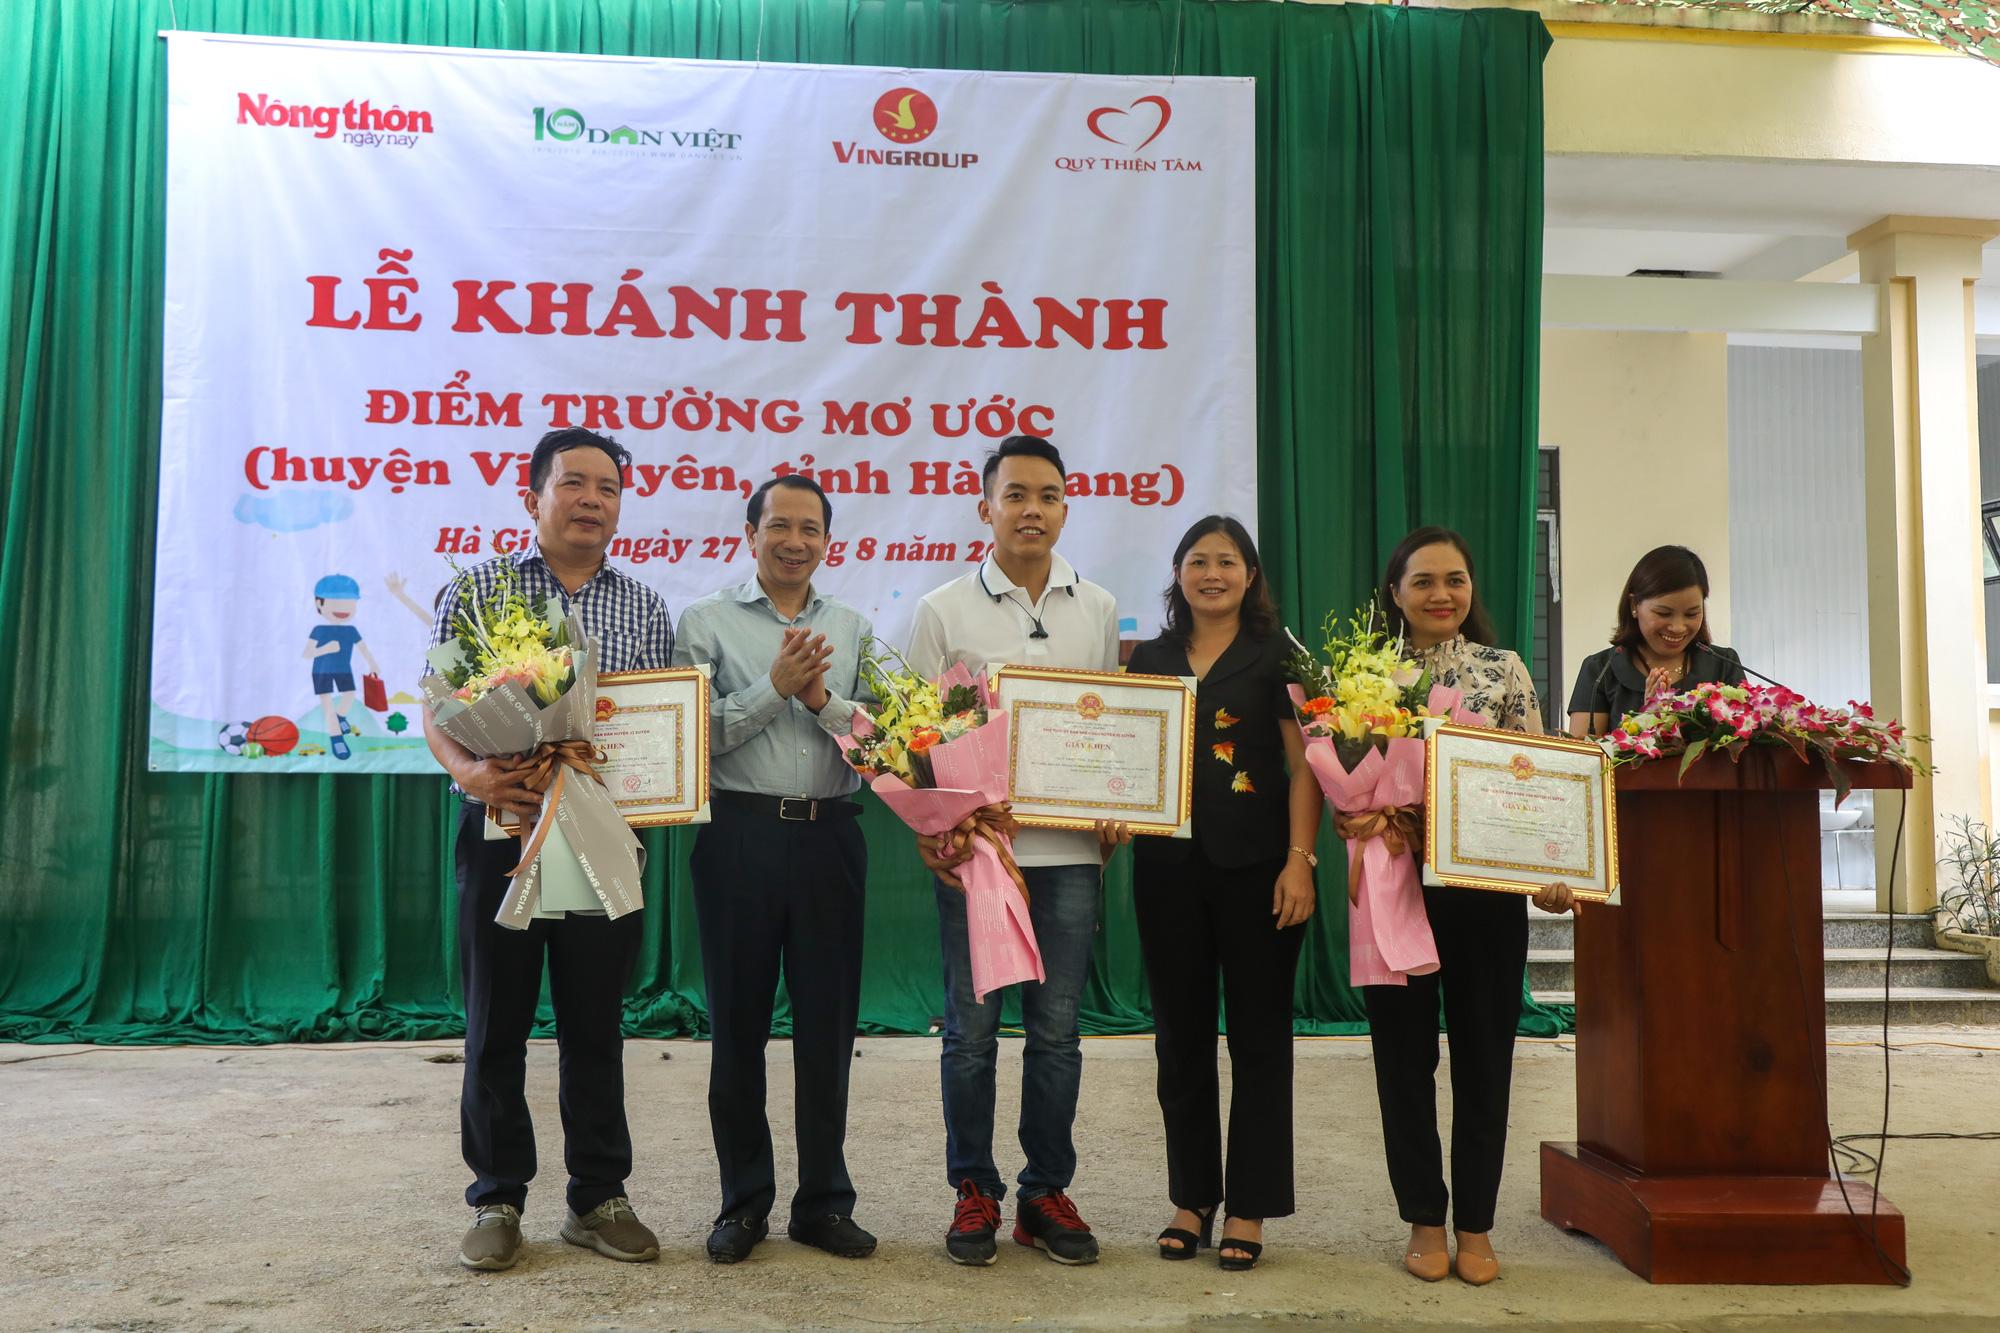 """Báo NTNN/Dân Việt - Quỹ Thiện Tâm: Khánh thành """"điểm trường mơ ước"""" đầu tiên tại Hà Giang - Ảnh 9."""